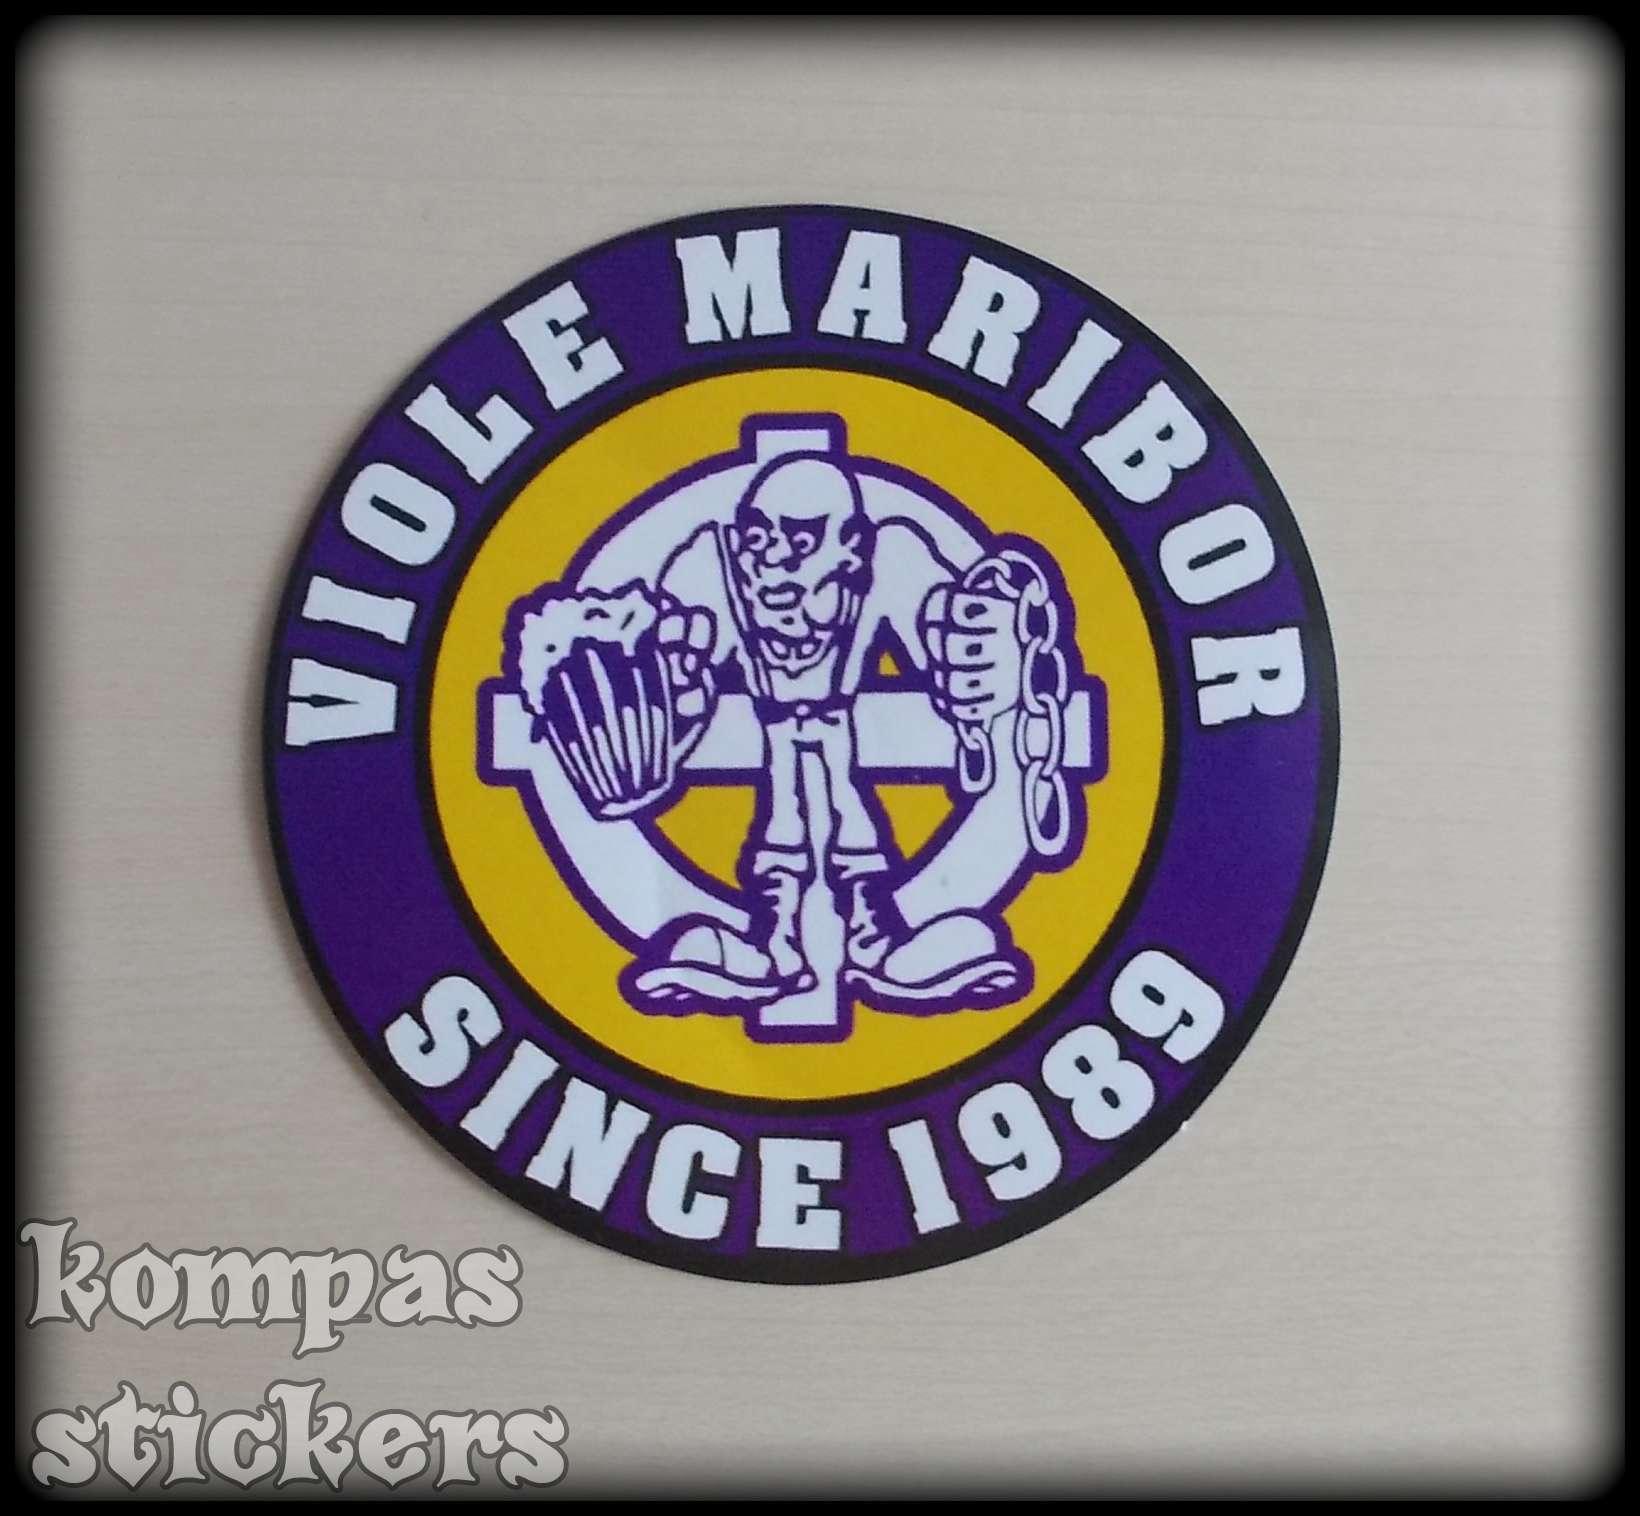 MARIBOR Maribo11